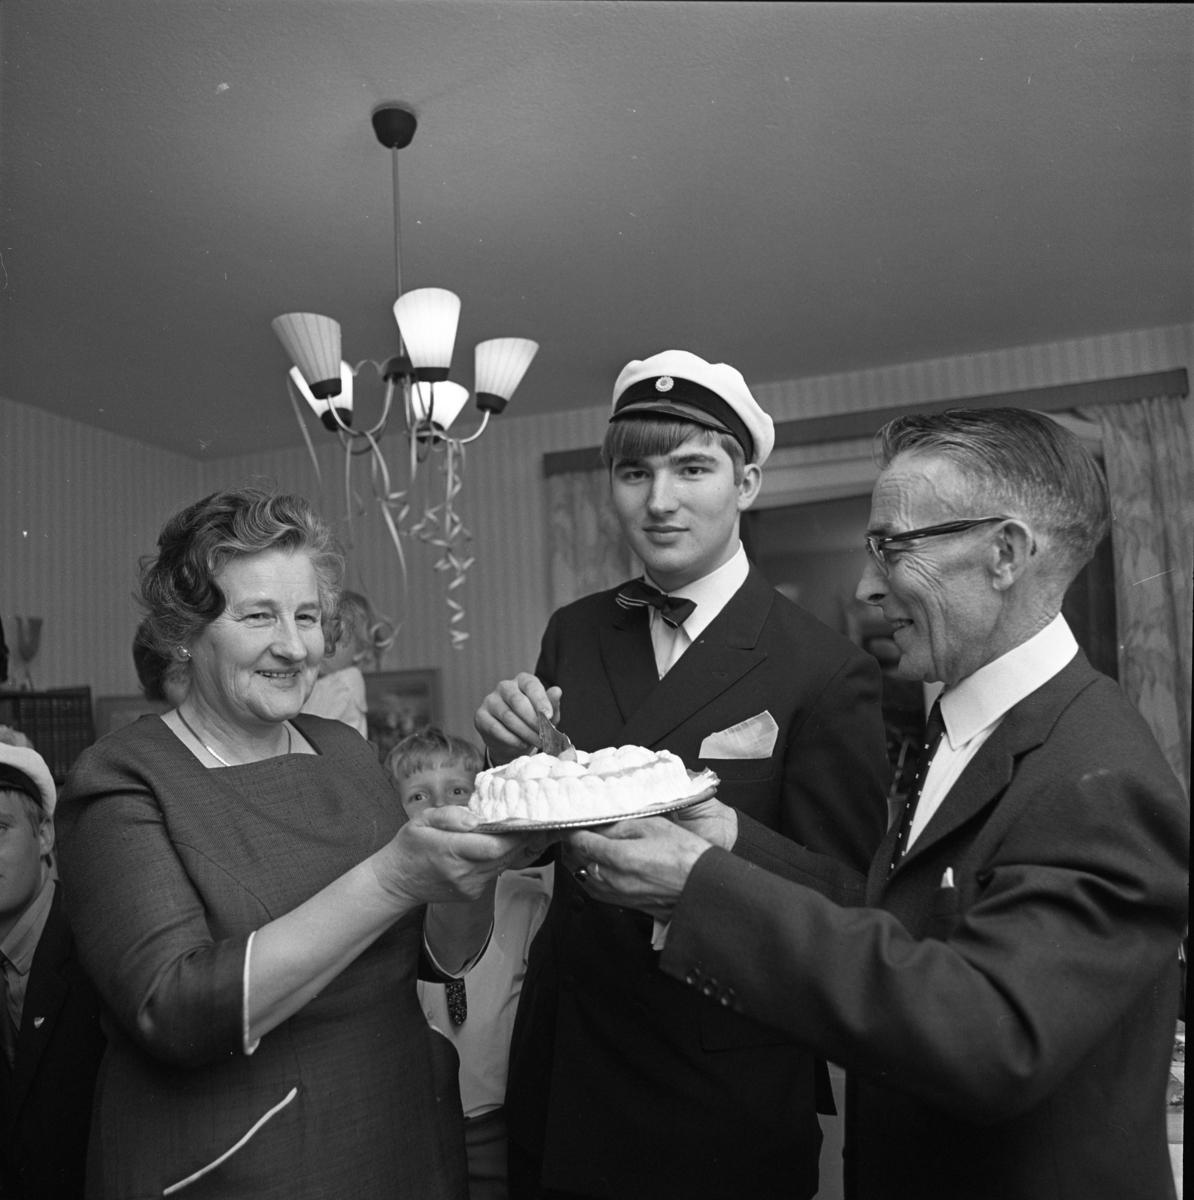 Lars-Göran Rådström har klarat studentexamen. (Han tillhör den sista kullen med muntliga förhör). Mamma Karin och pappa Egon håller i tårtan.